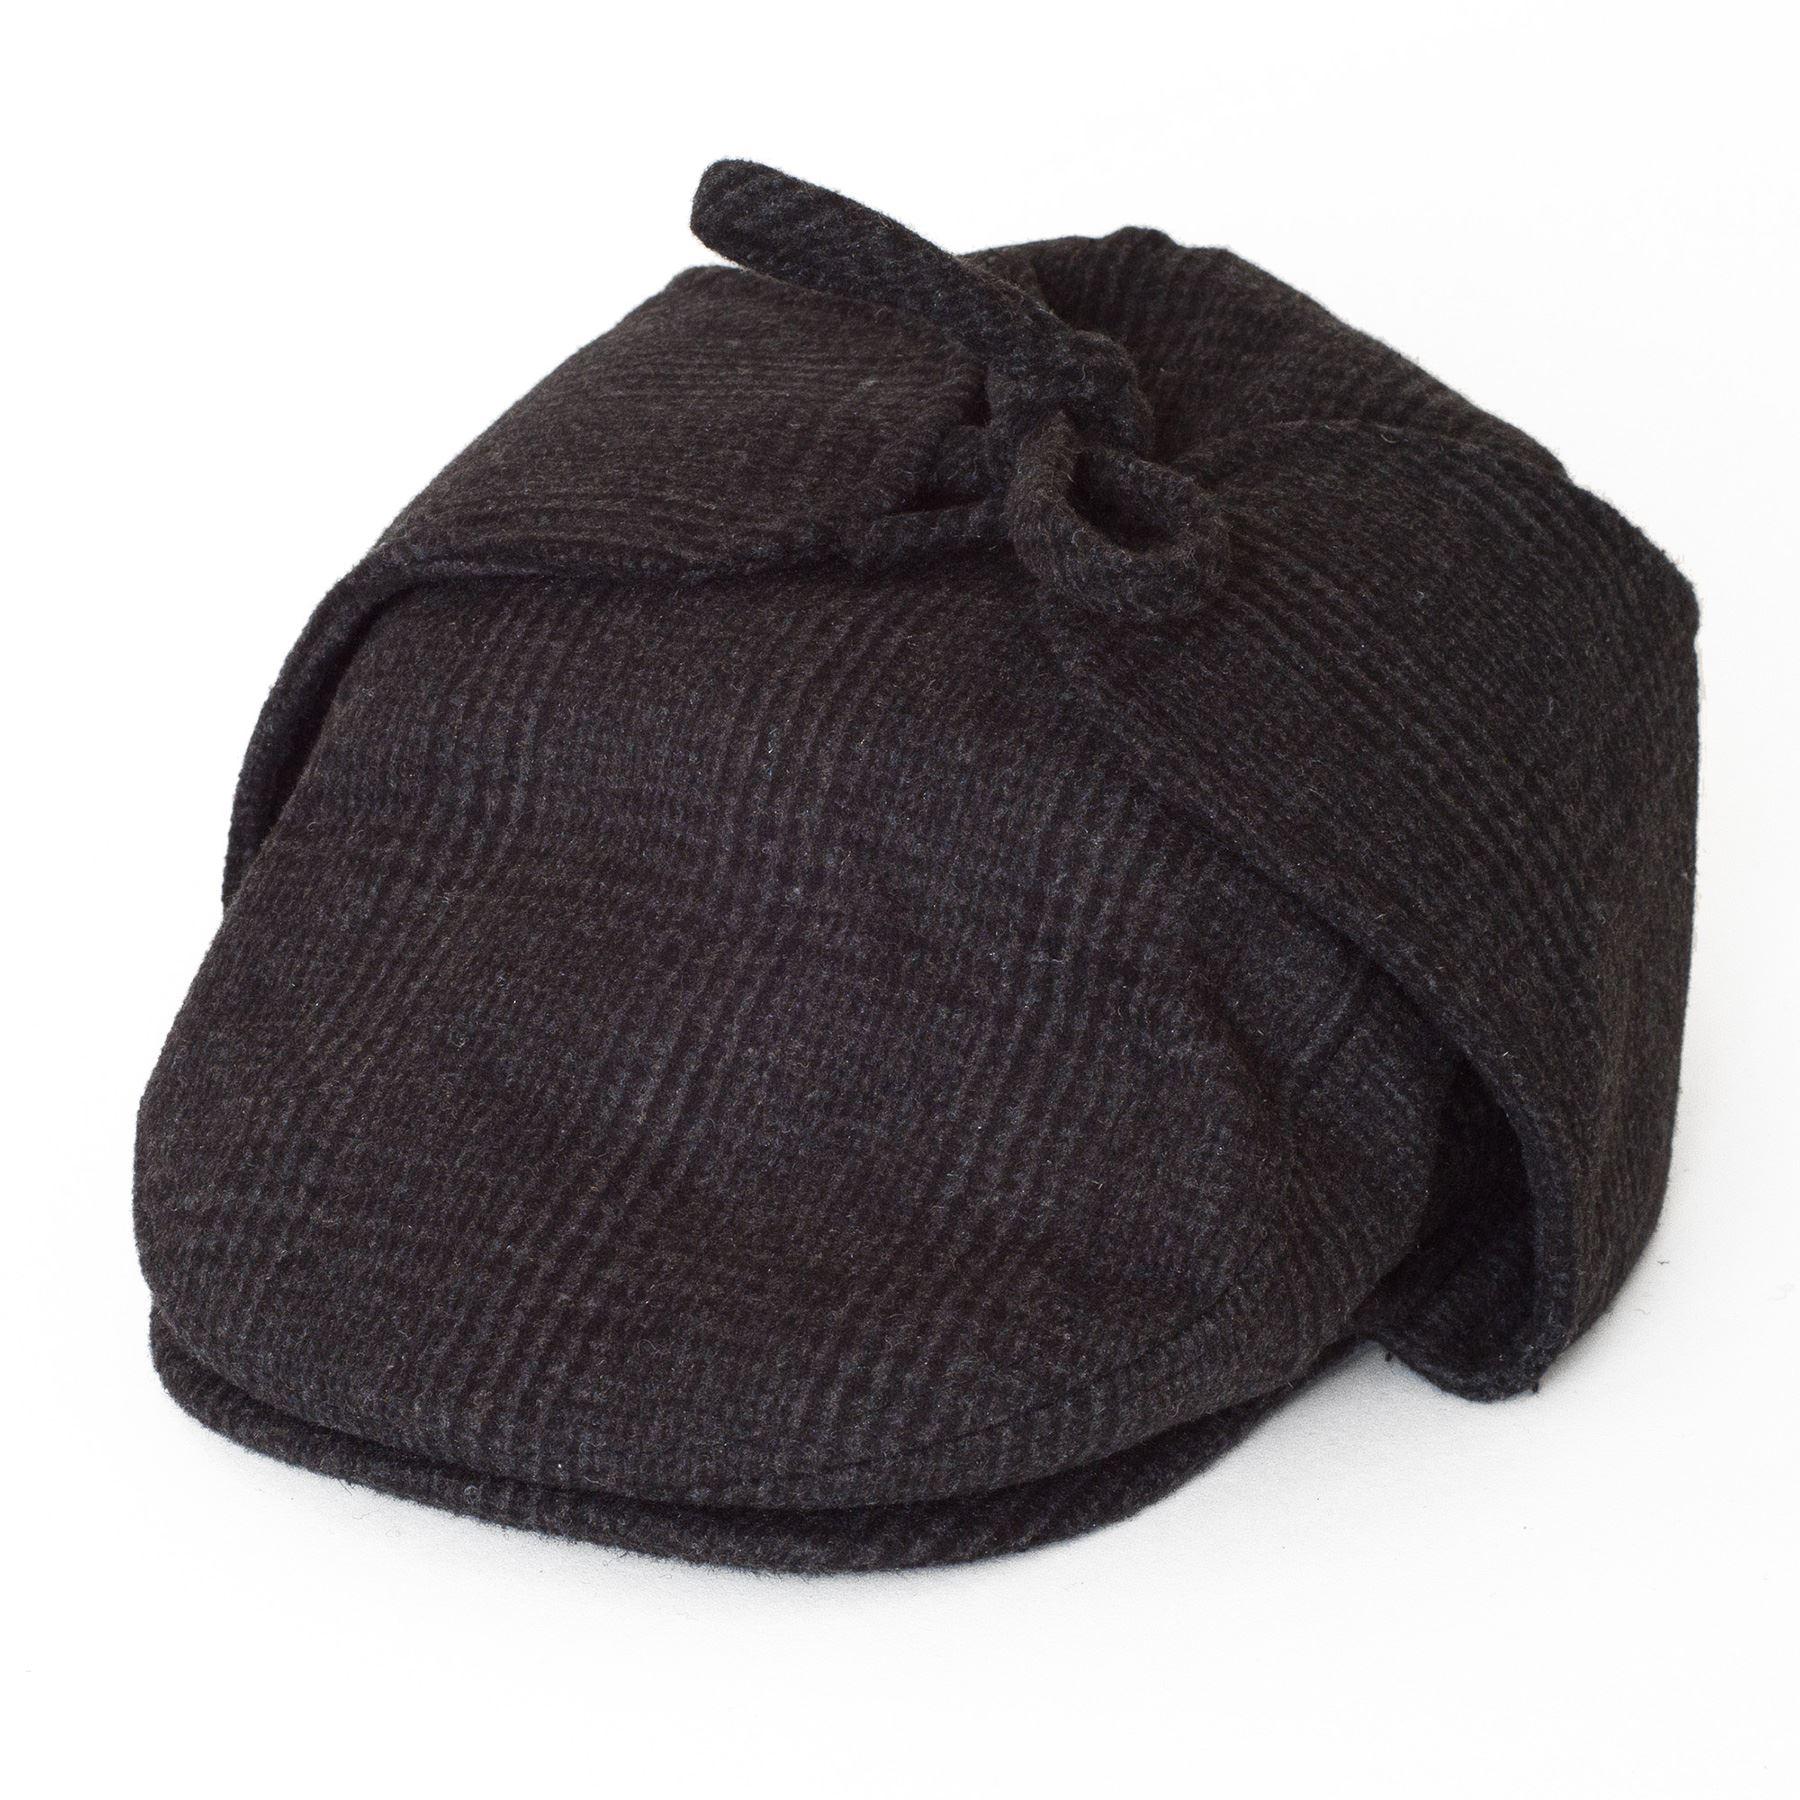 casquette de sport plate avec cache oreilles en laine m lang ebay. Black Bedroom Furniture Sets. Home Design Ideas